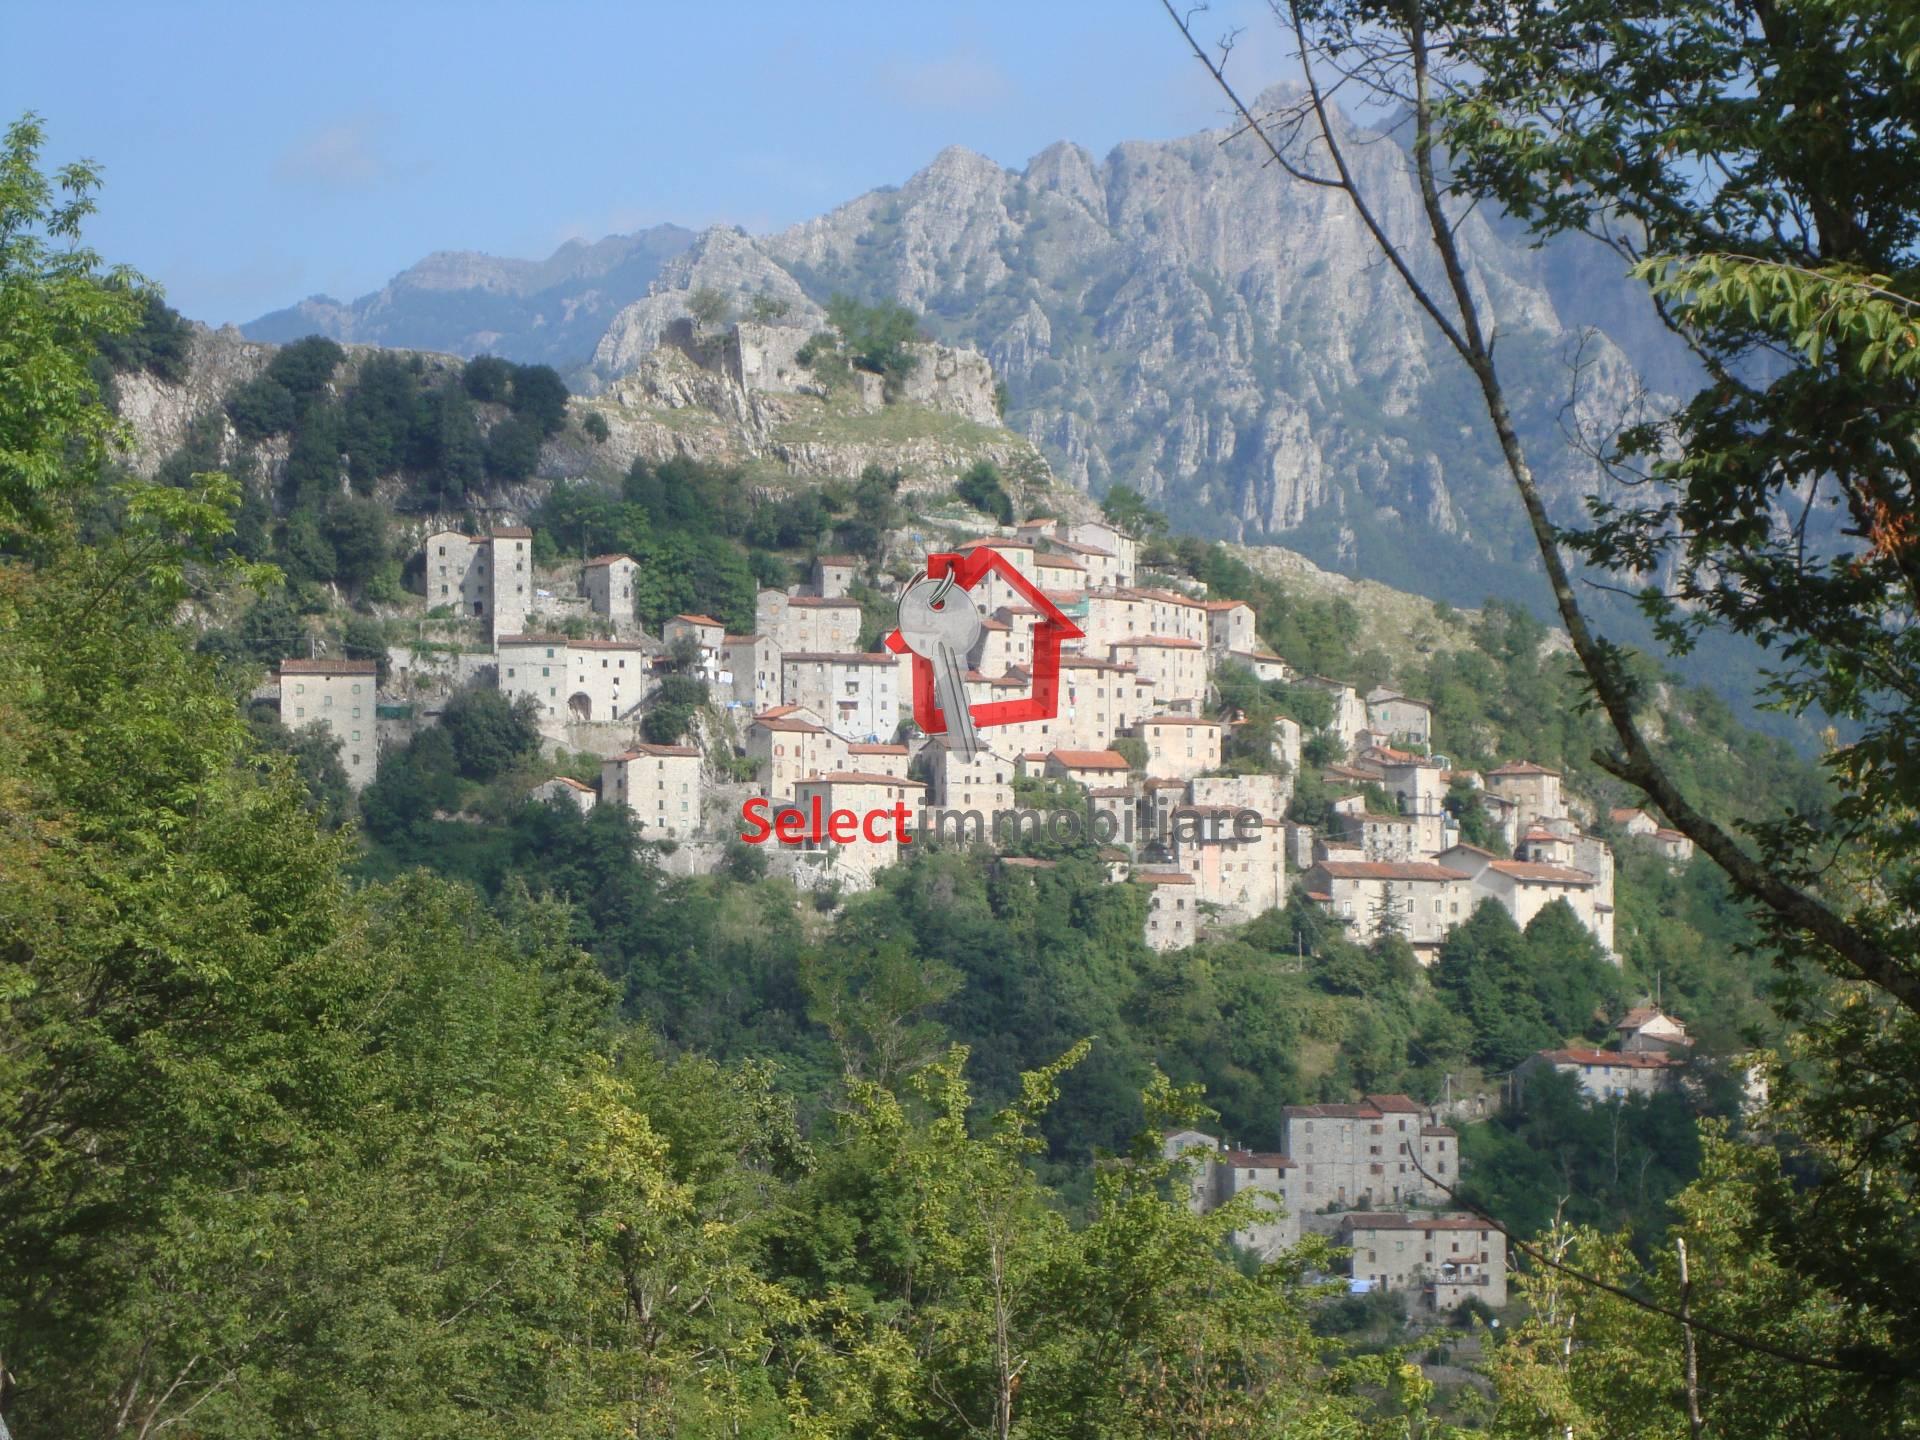 Appartamento in vendita a Bagni di Lucca, 5 locali, zona Zona: Lucchio, prezzo € 20.000 | Cambio Casa.it